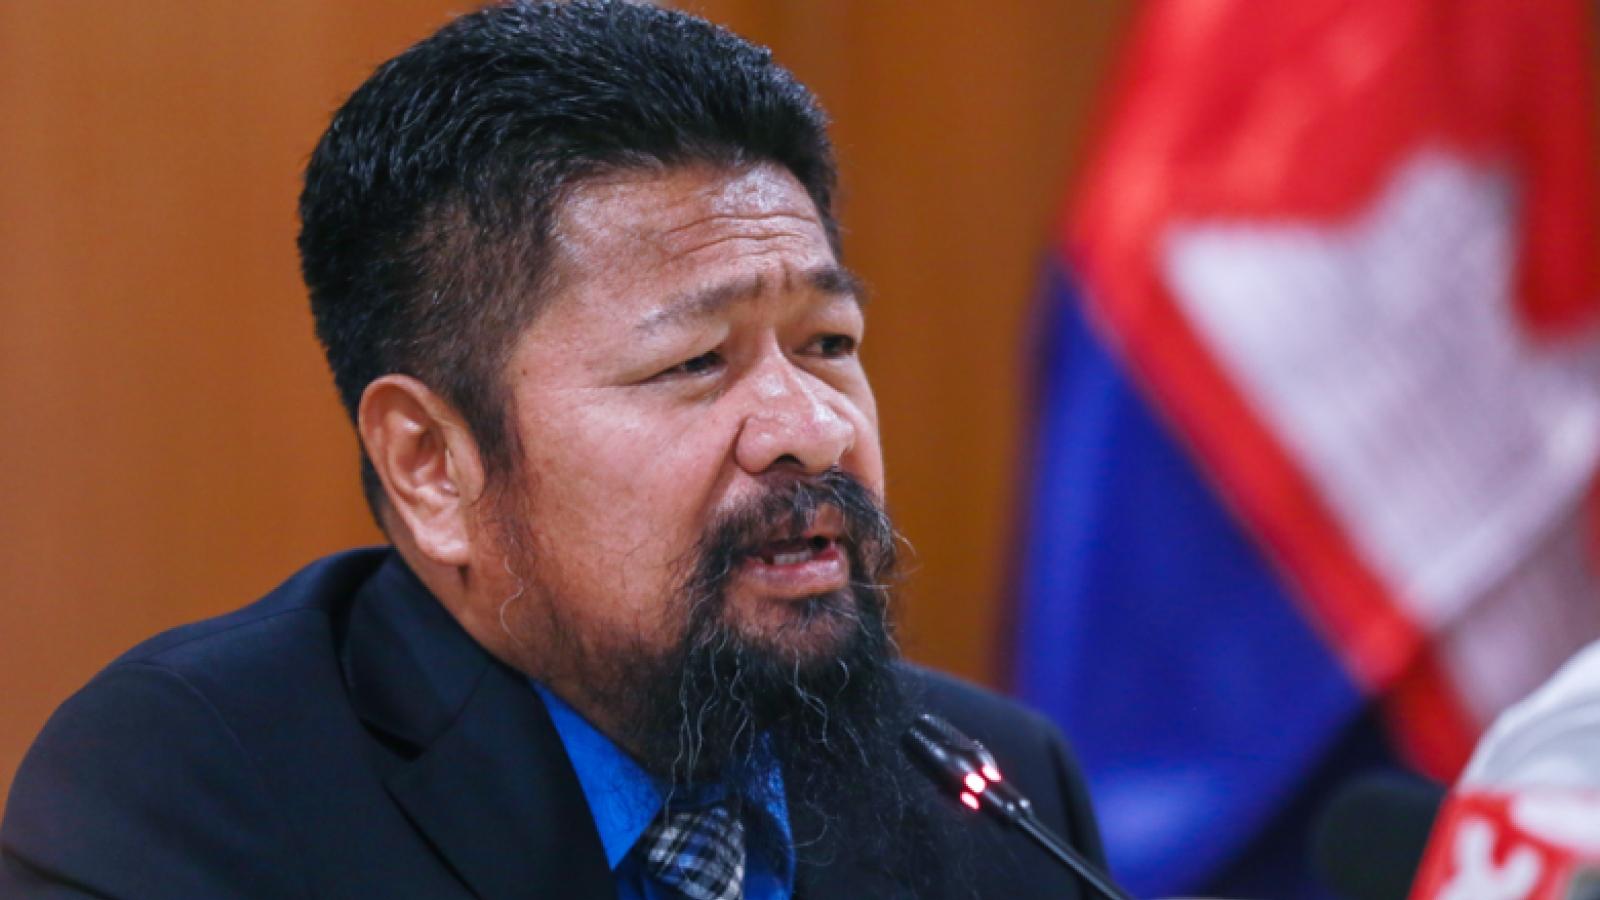 Đảng Cải cách Campuchia muốn sáp nhập với các đảng khác, cạnh tranh với đảng cầm quyền